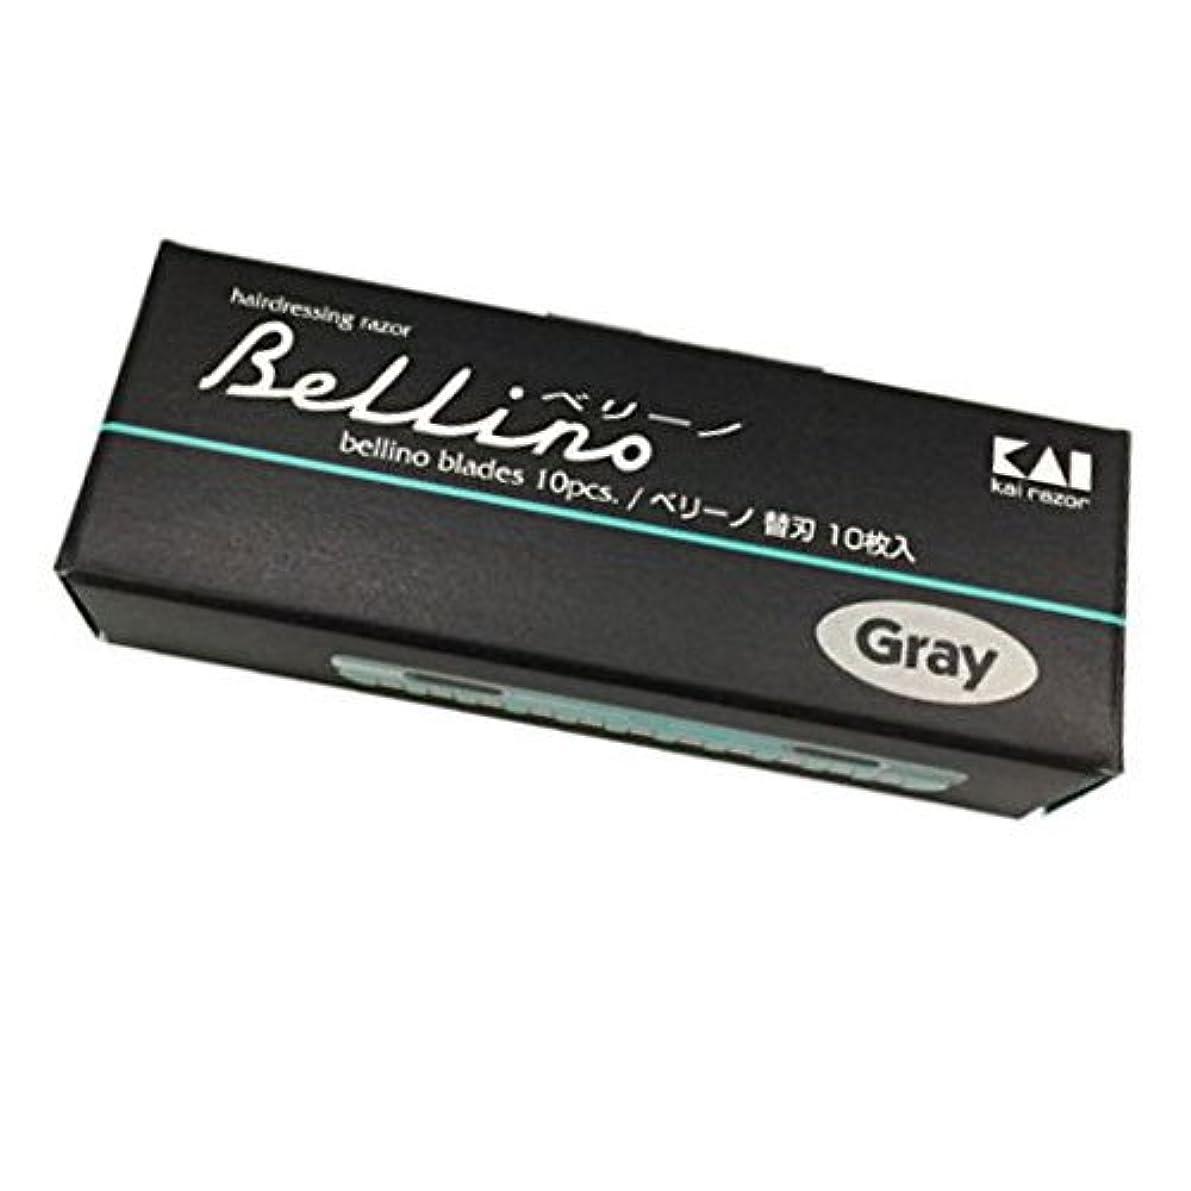 結晶上向き復活させる貝印カミソリ ベリーノ替刃 10枚入